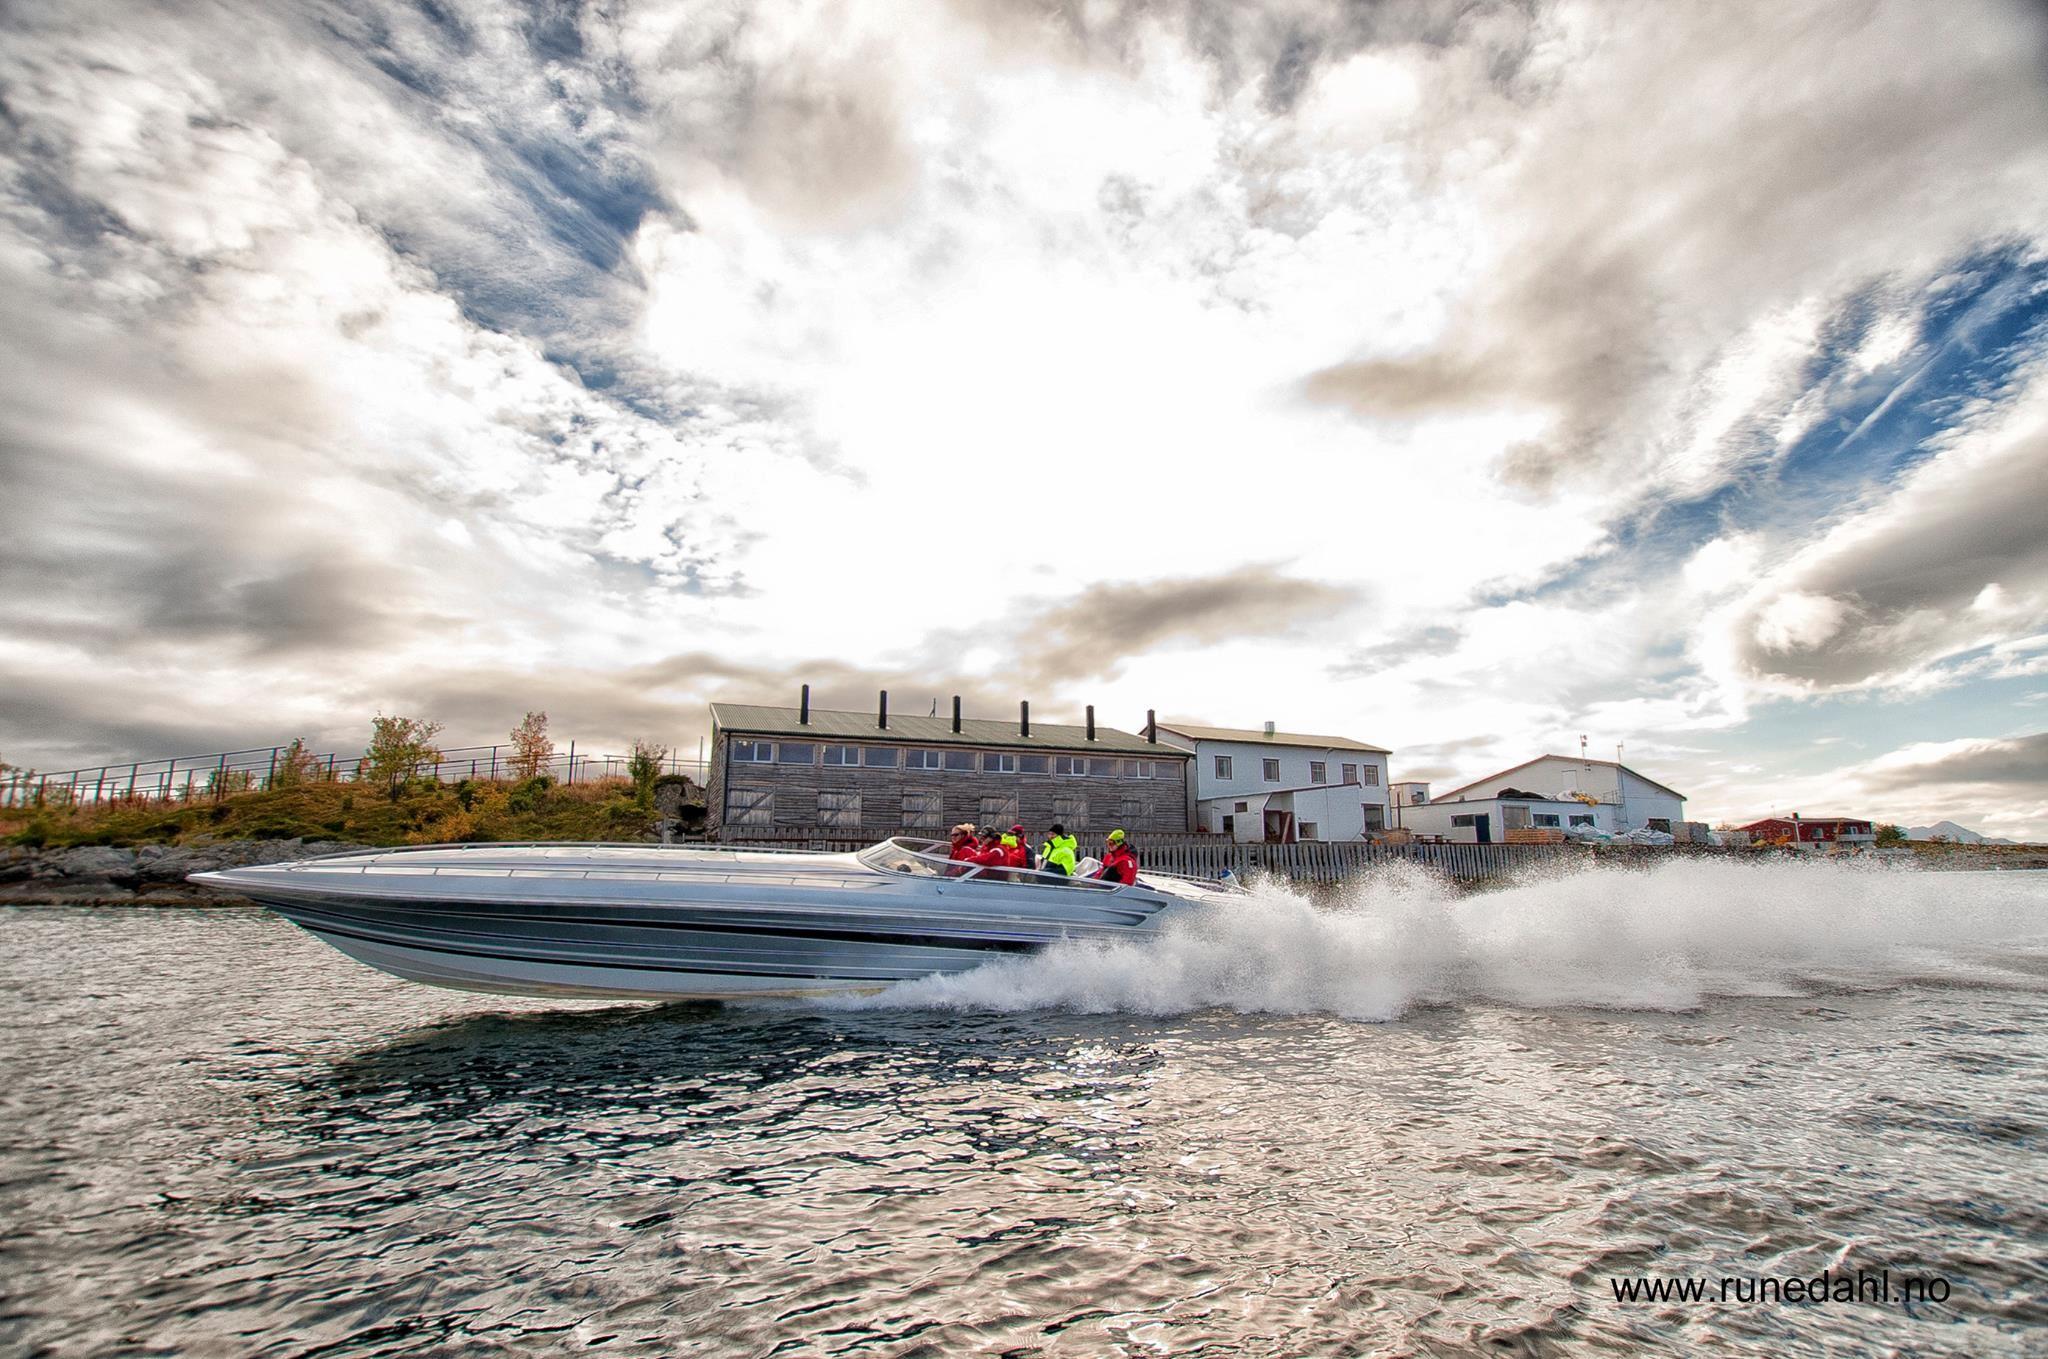 Fartsfylt båttur fra Svolvær til Risvær